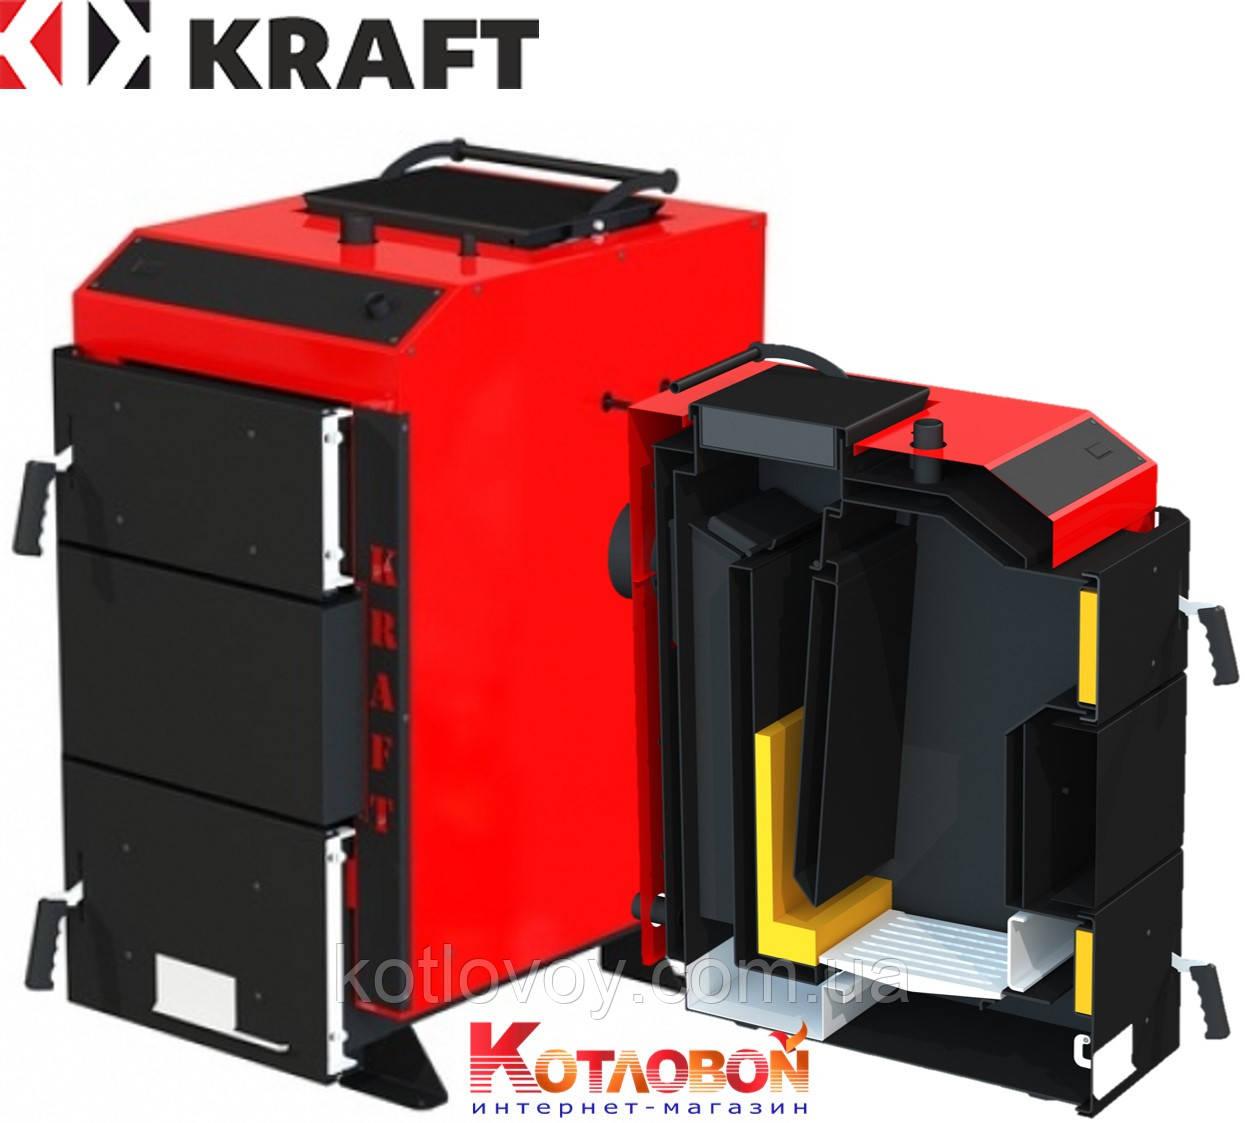 Твердопаливний котел шахтного типу KRAFT (Крафт) D